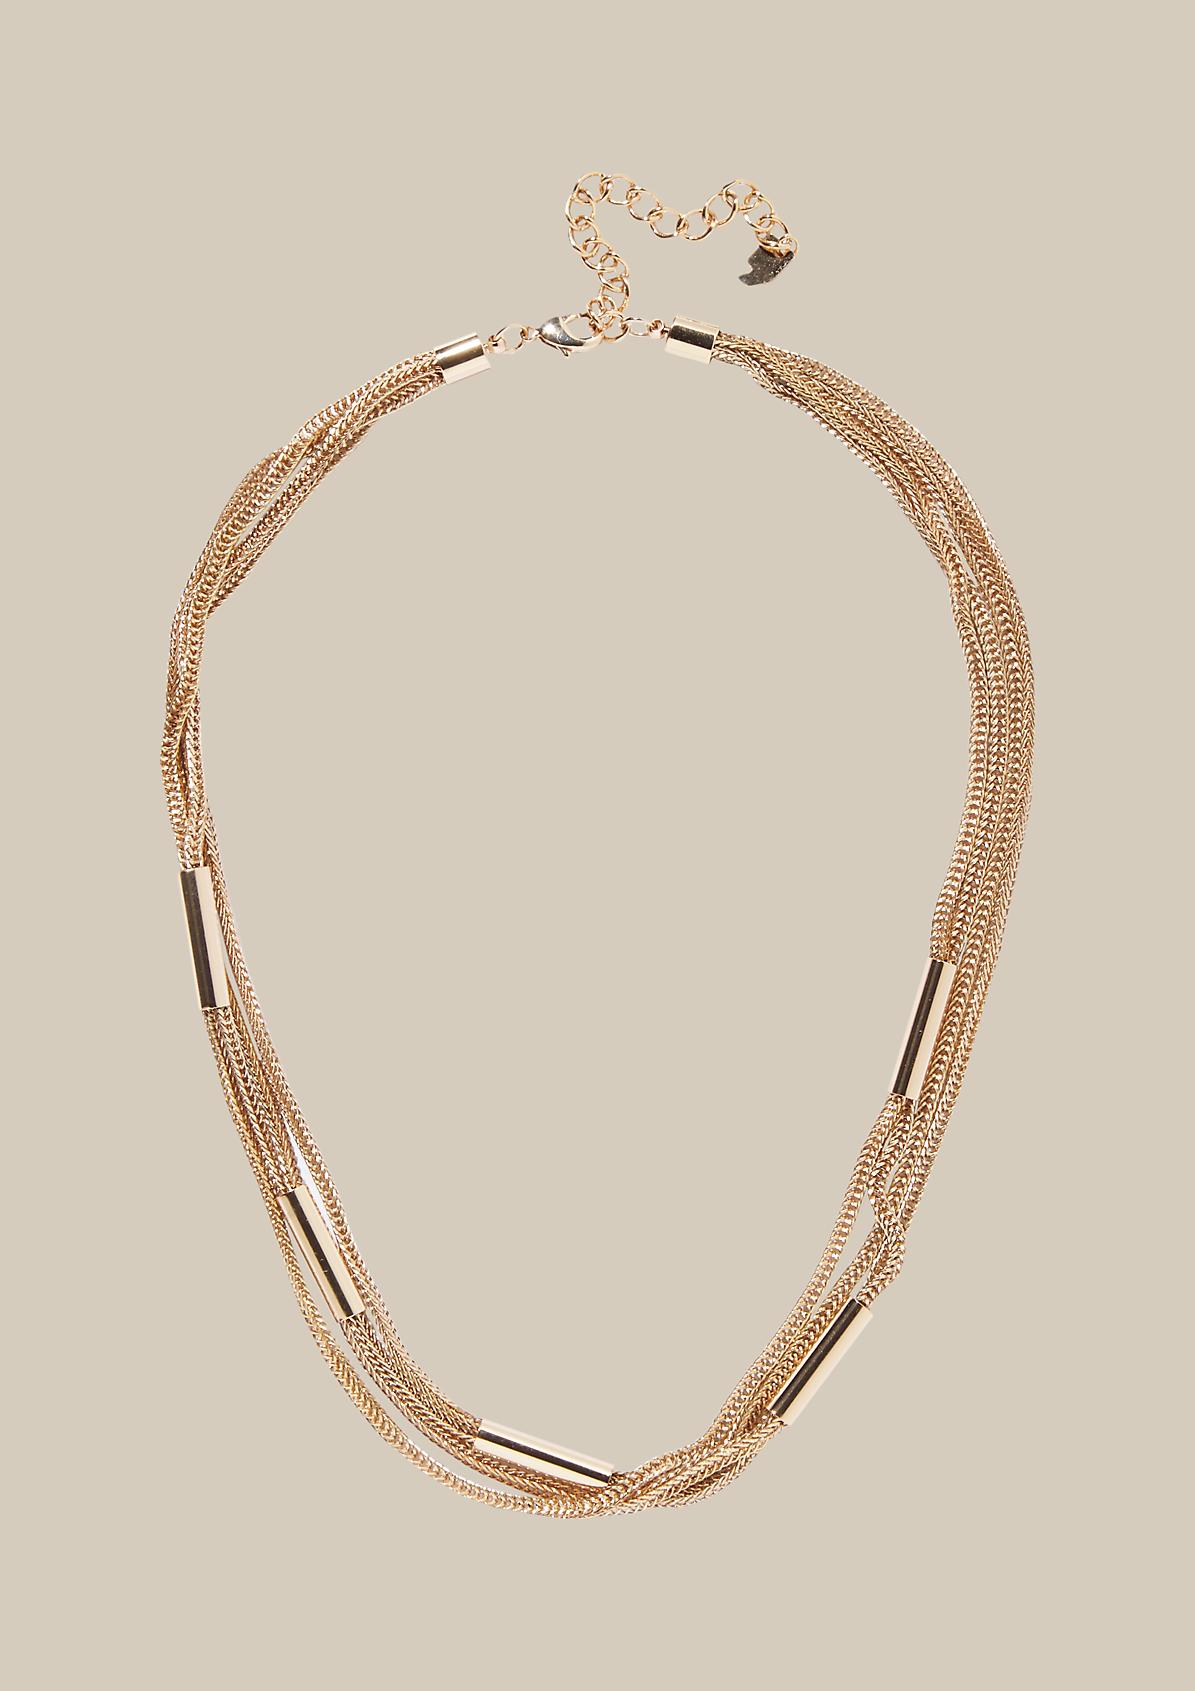 Edle Halskette mit Zierhülsen